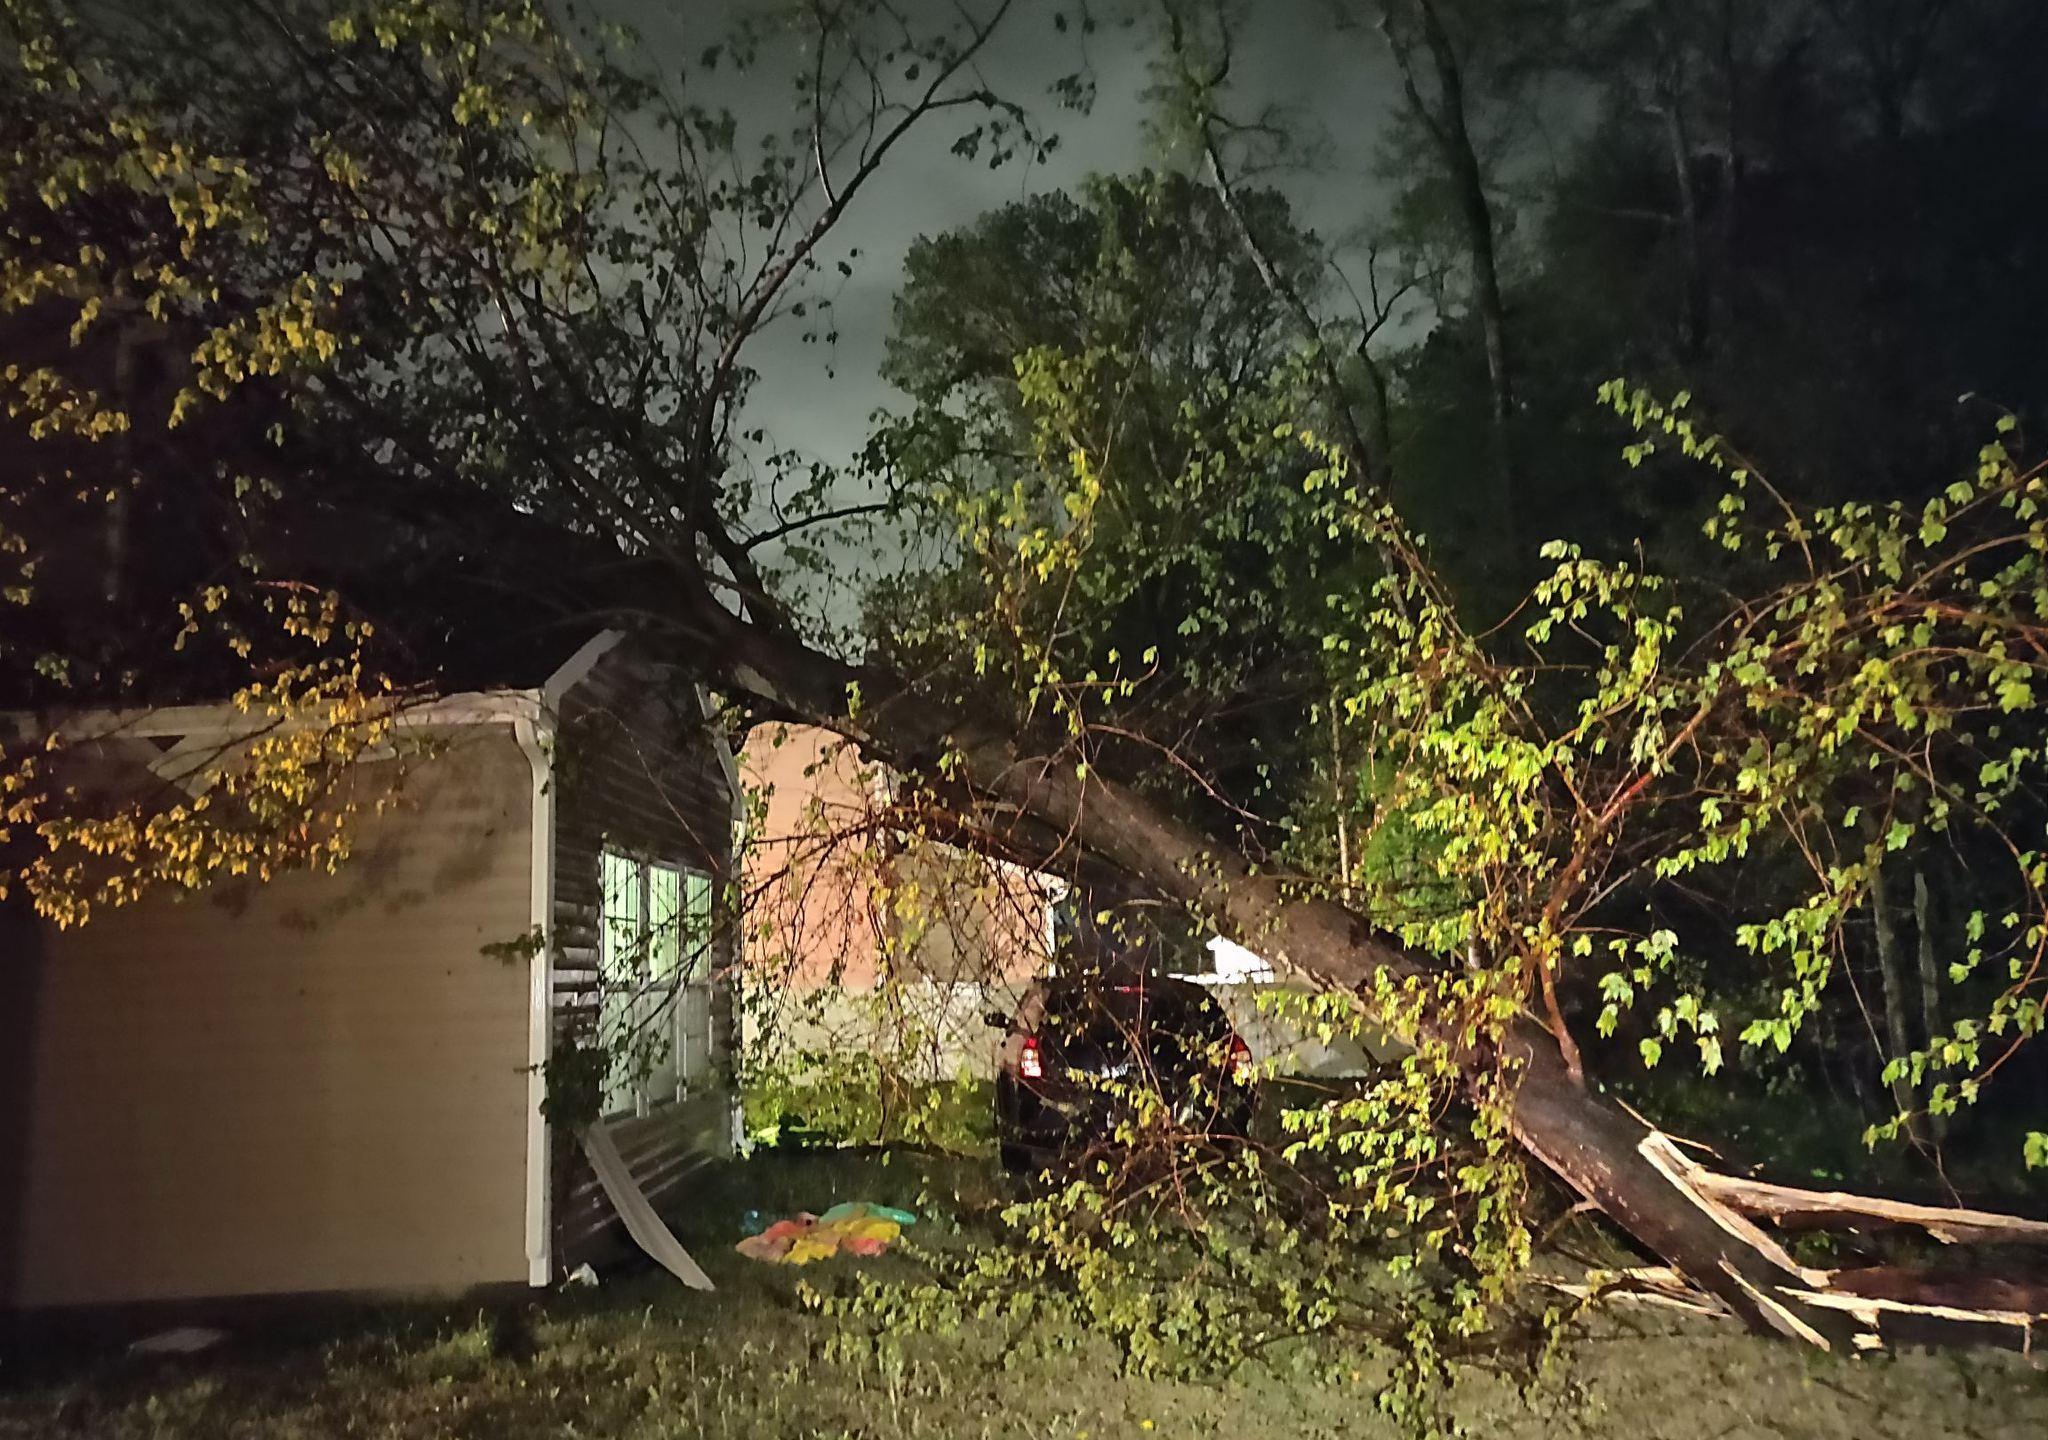 NN Newman Rd tree damage, Kiahnna Patterson3_1555320007591.jpeg.jpg